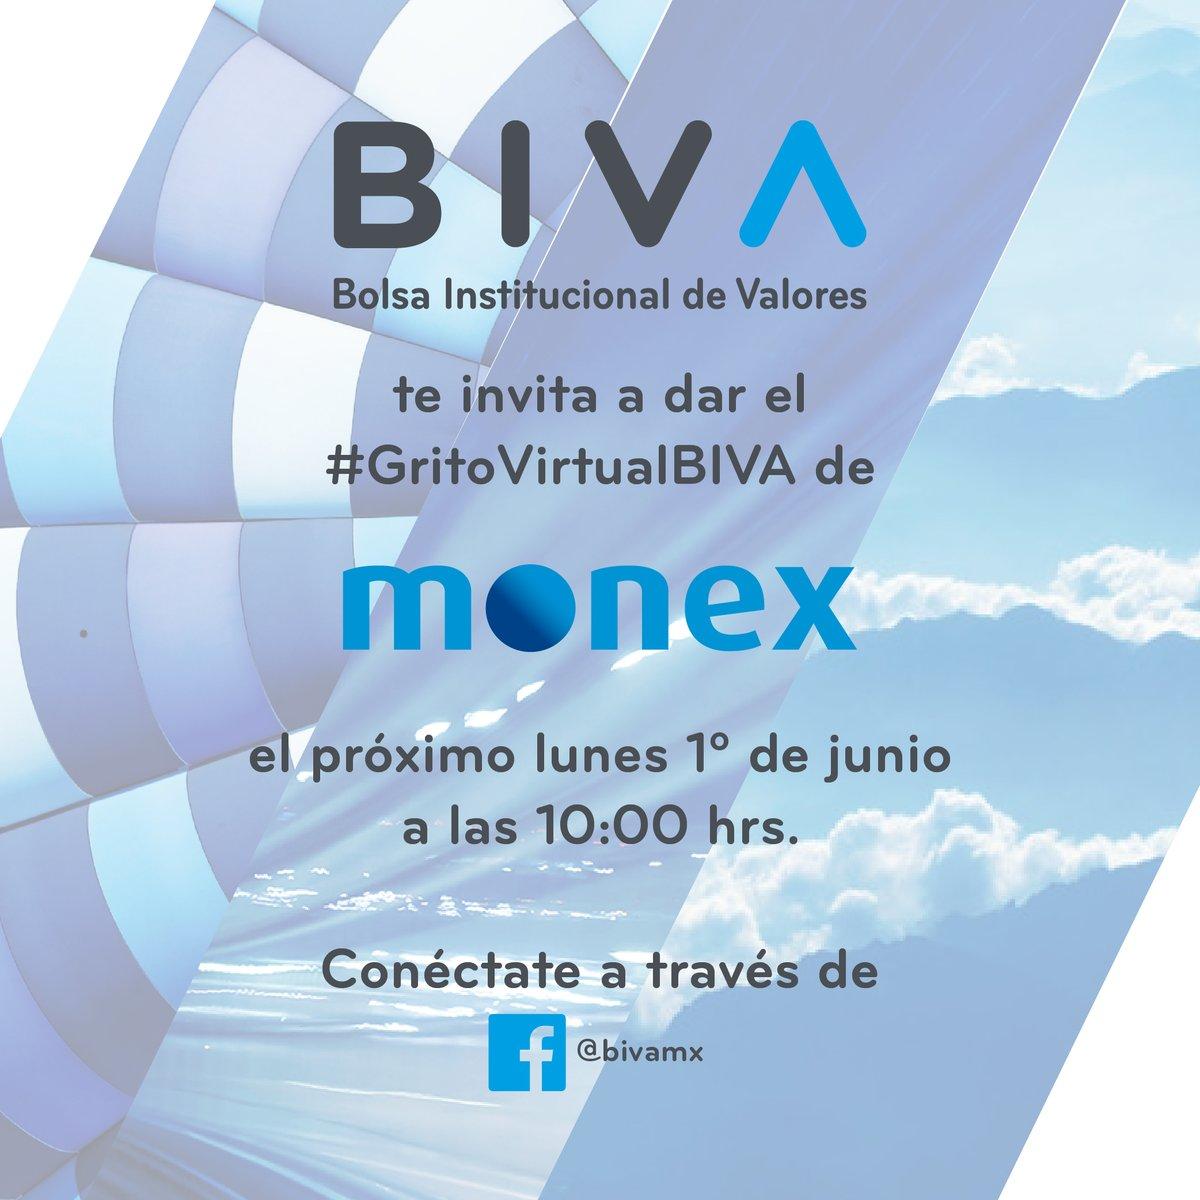 Este lunes 1º de junio @MonexAnalisis dará el #GritoVirtualBIVA con nosotros. Te invitamos a conectarte a nuestro #FacebookLive a las 10:00 hrs. para gritar con nosotros ¡#BIVAMonex!